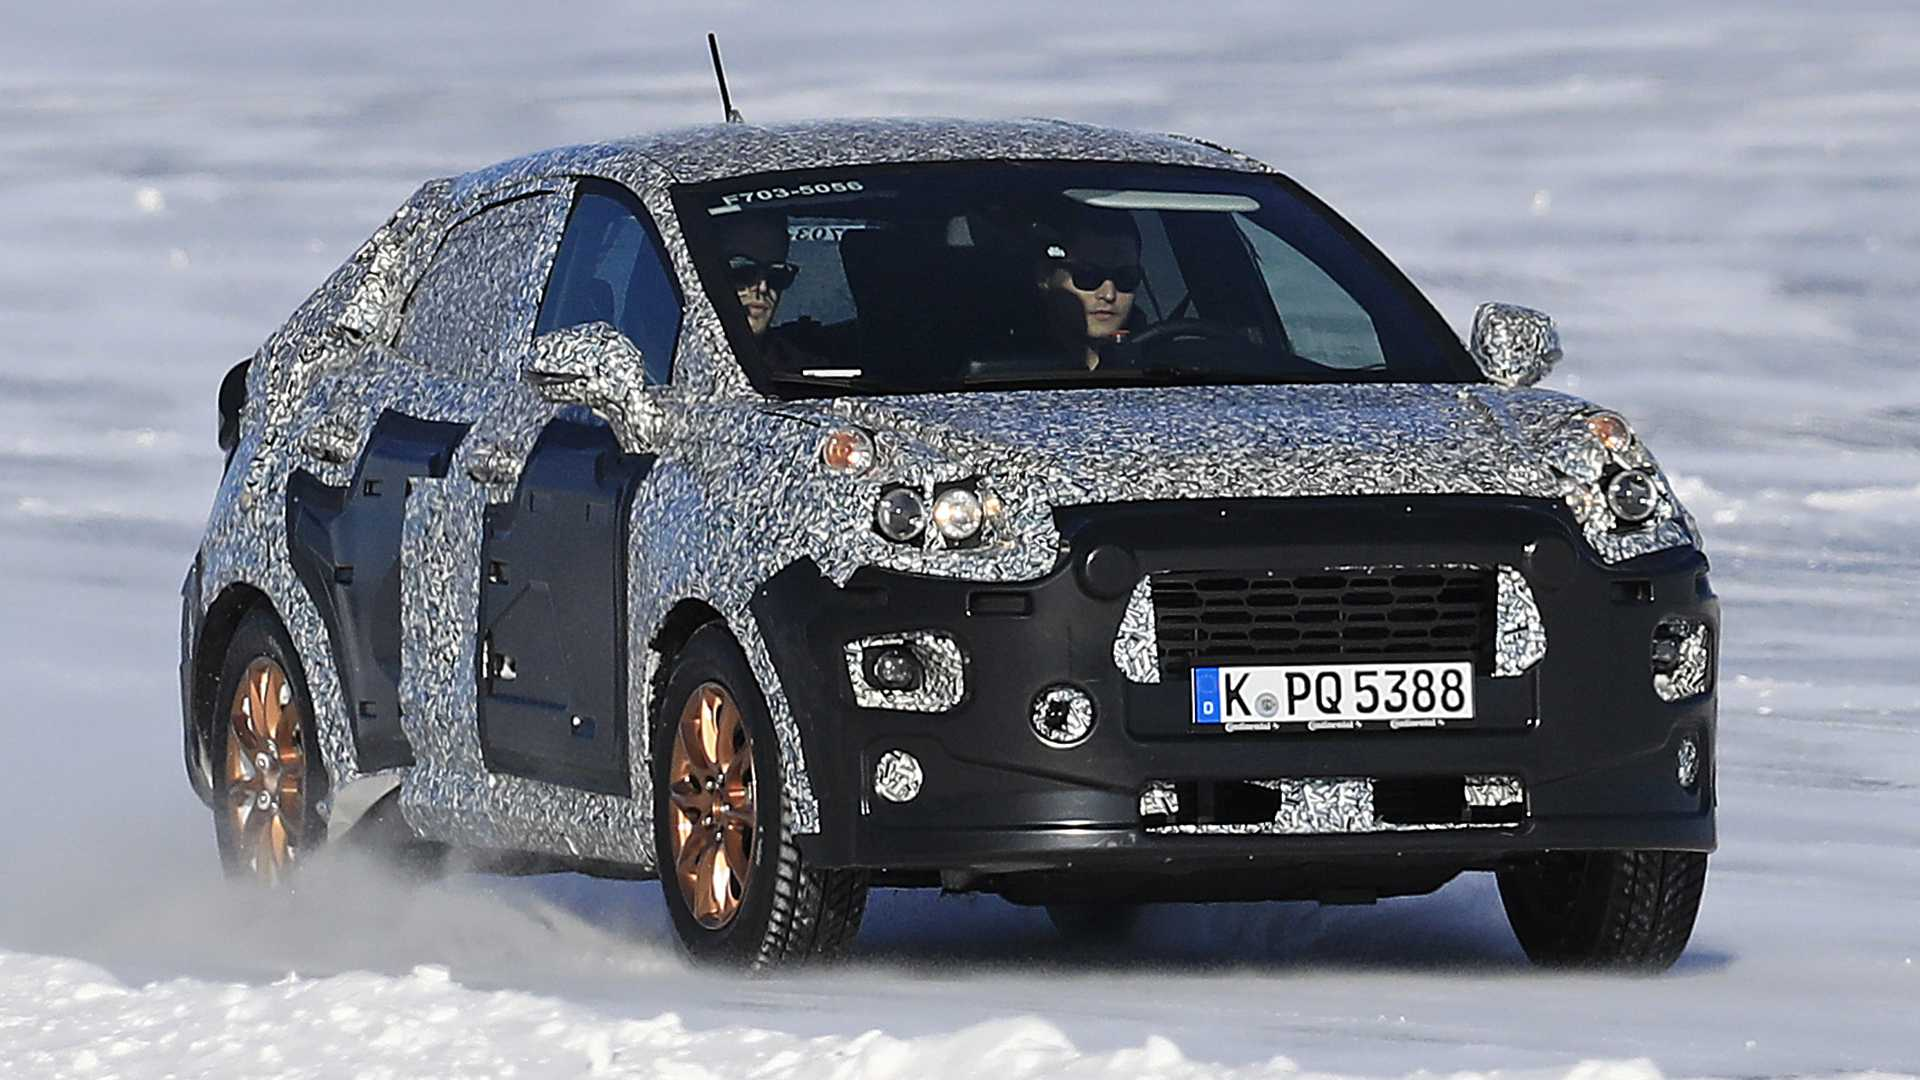 Недалеко от полярного круга в Скандинавии фотошпионам удалось заснять испытания новой модели Ford, которая придет на смену компакт-кросса EcoSport